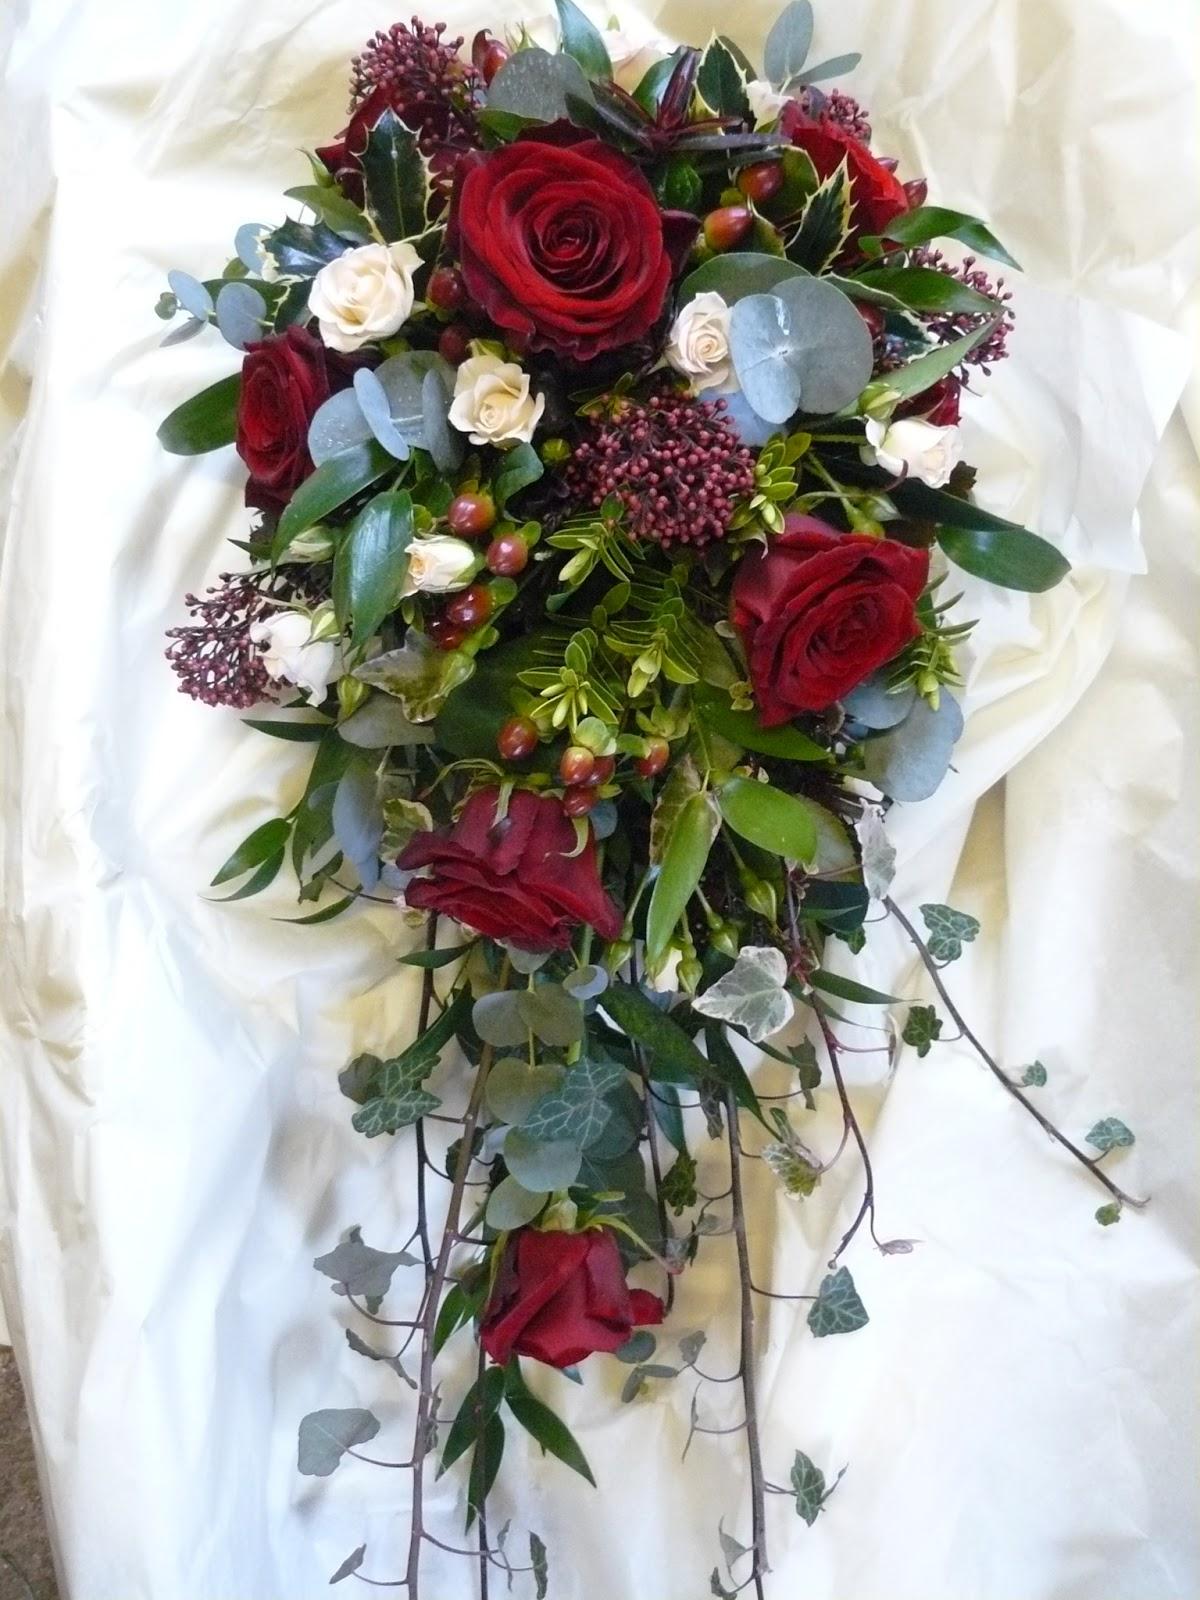 10 bouquets de mari e tomber pour un mariage d 39 hiver page 2 sur 2. Black Bedroom Furniture Sets. Home Design Ideas